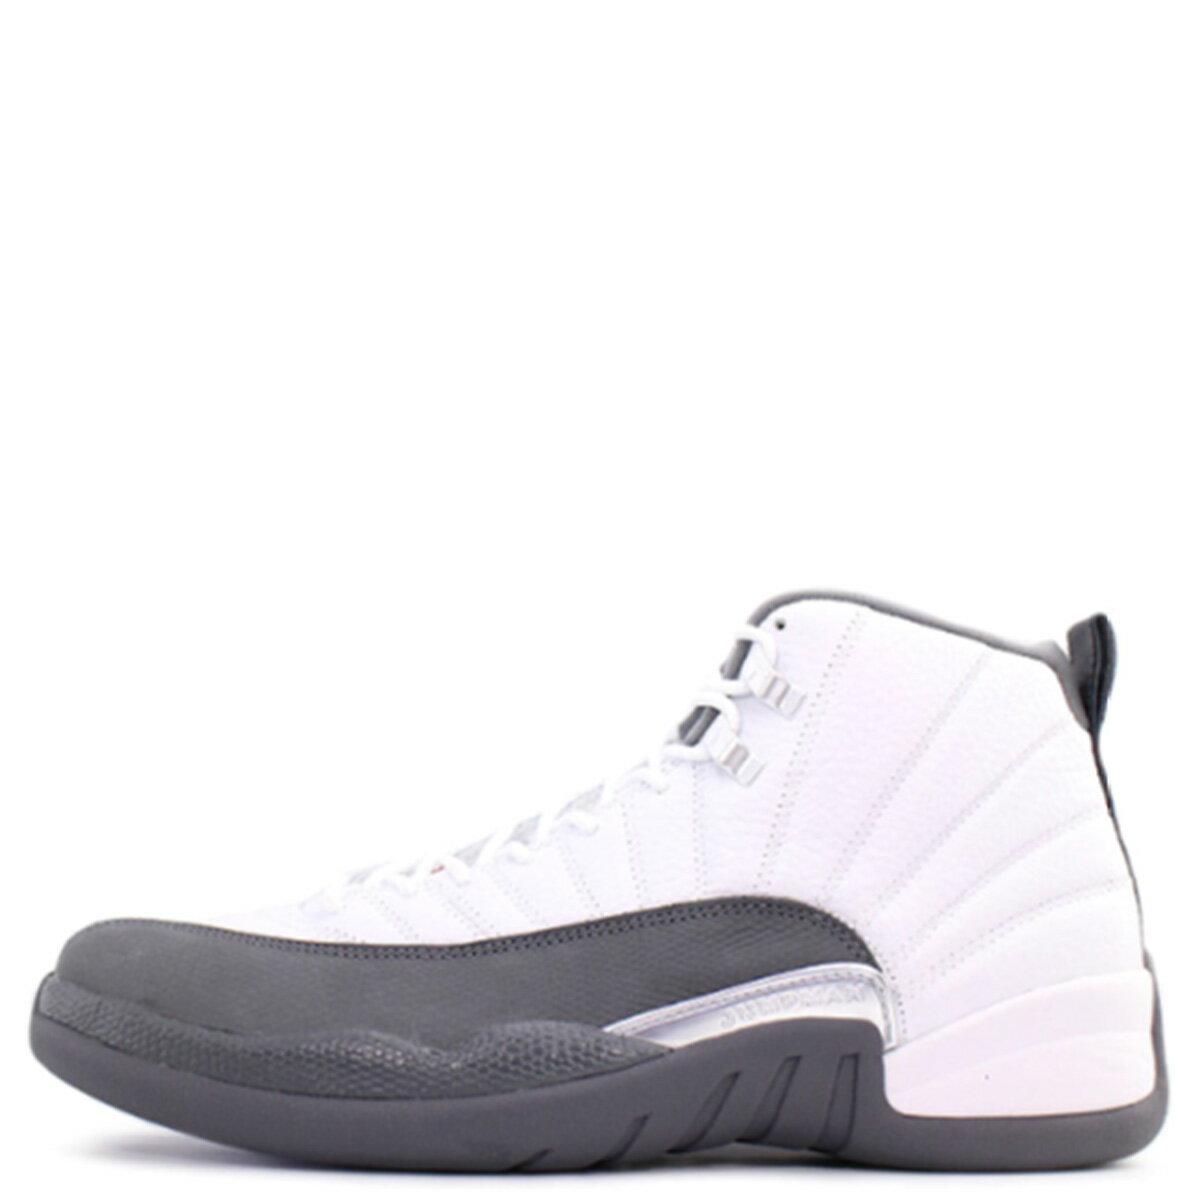 メンズ靴, スニーカー  NIKE 12 AIR JORDAN 12 RETRO 130690-160 zzi